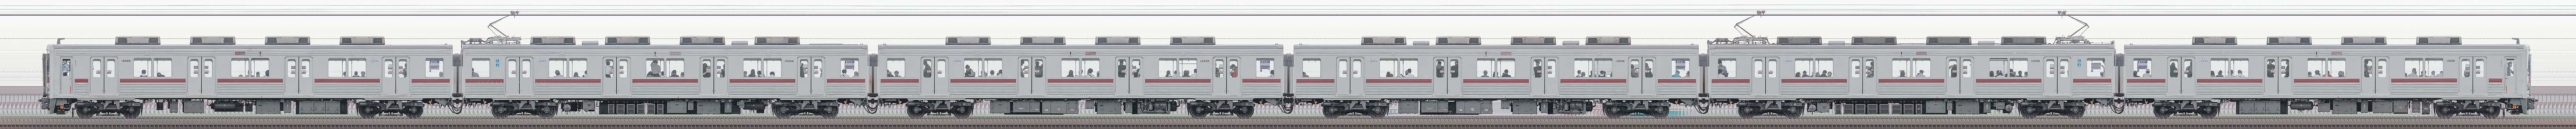 東武10000型11608編成(リニューアル車・山側)の編成サイドビュー